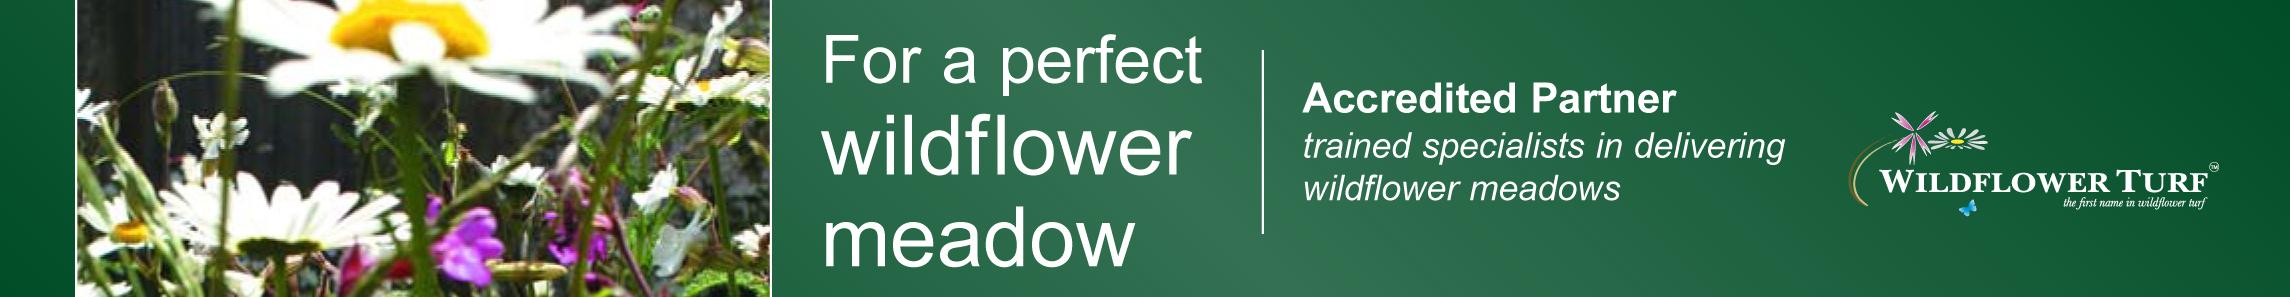 LOGOVerticalWildflowerMeadowinstaller.jpg